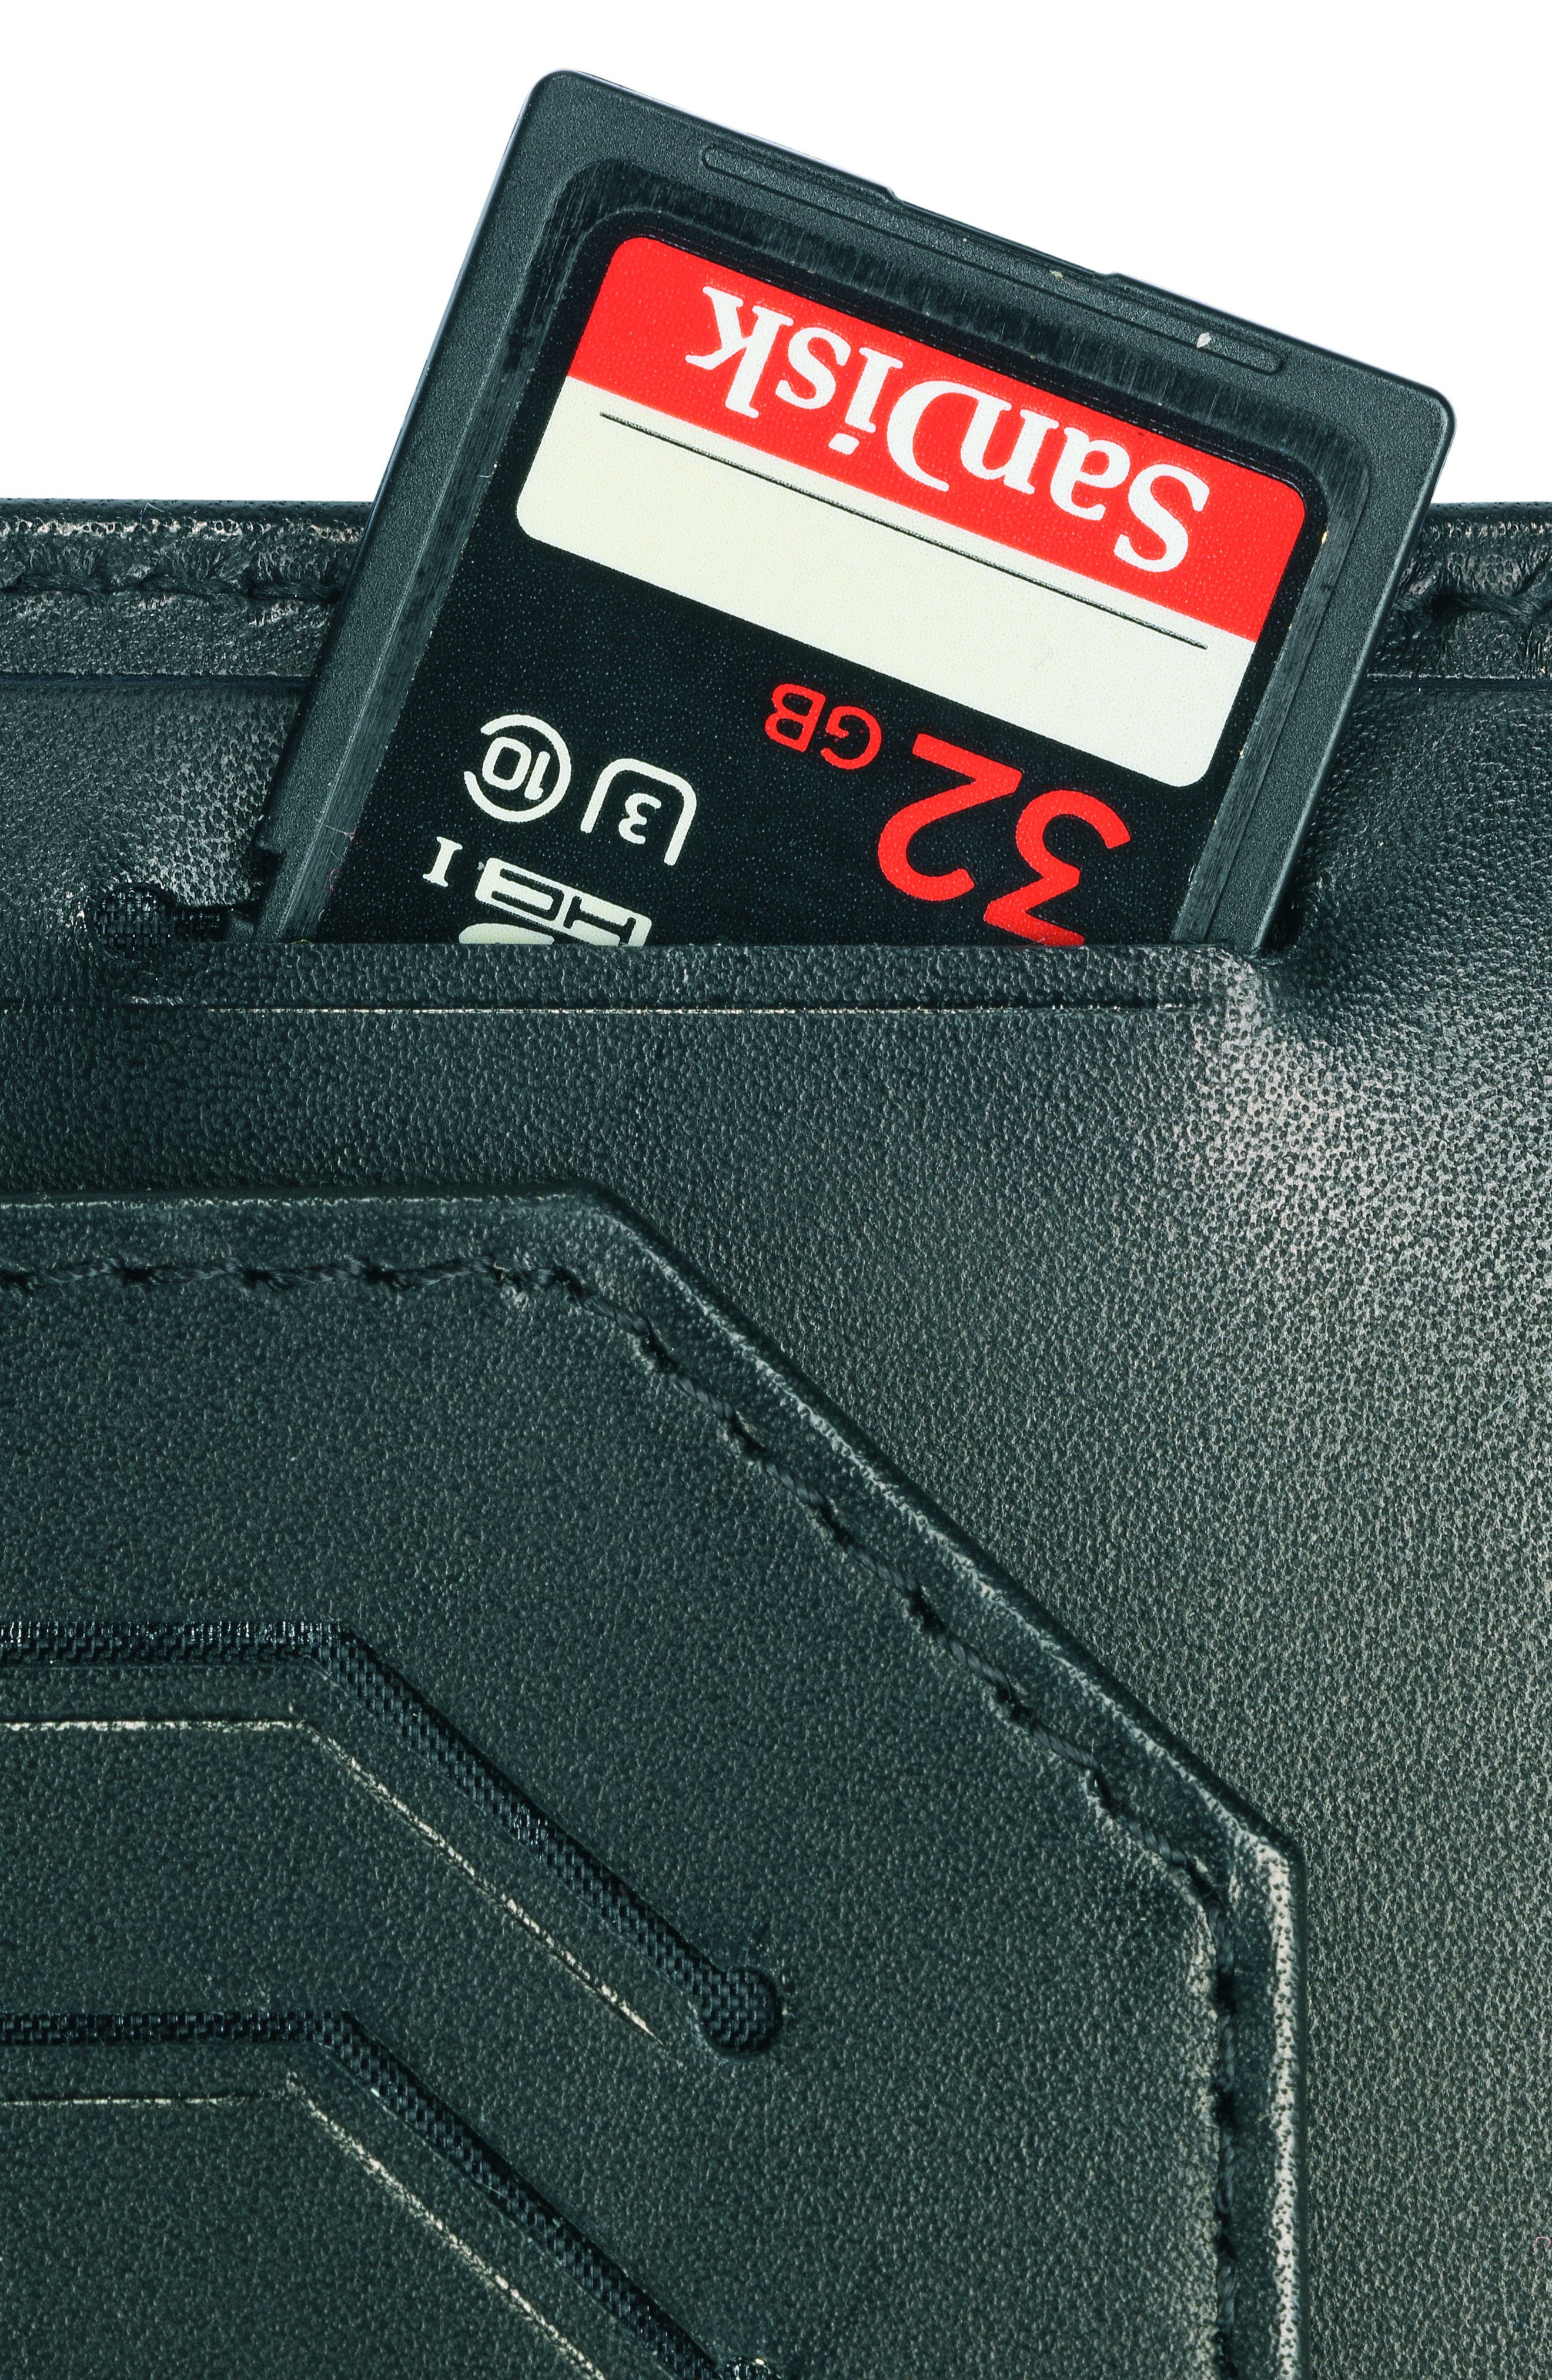 Altius Edge Leibnitz Travel Wallet,                             Alternate thumbnail 3, color,                             BLACK